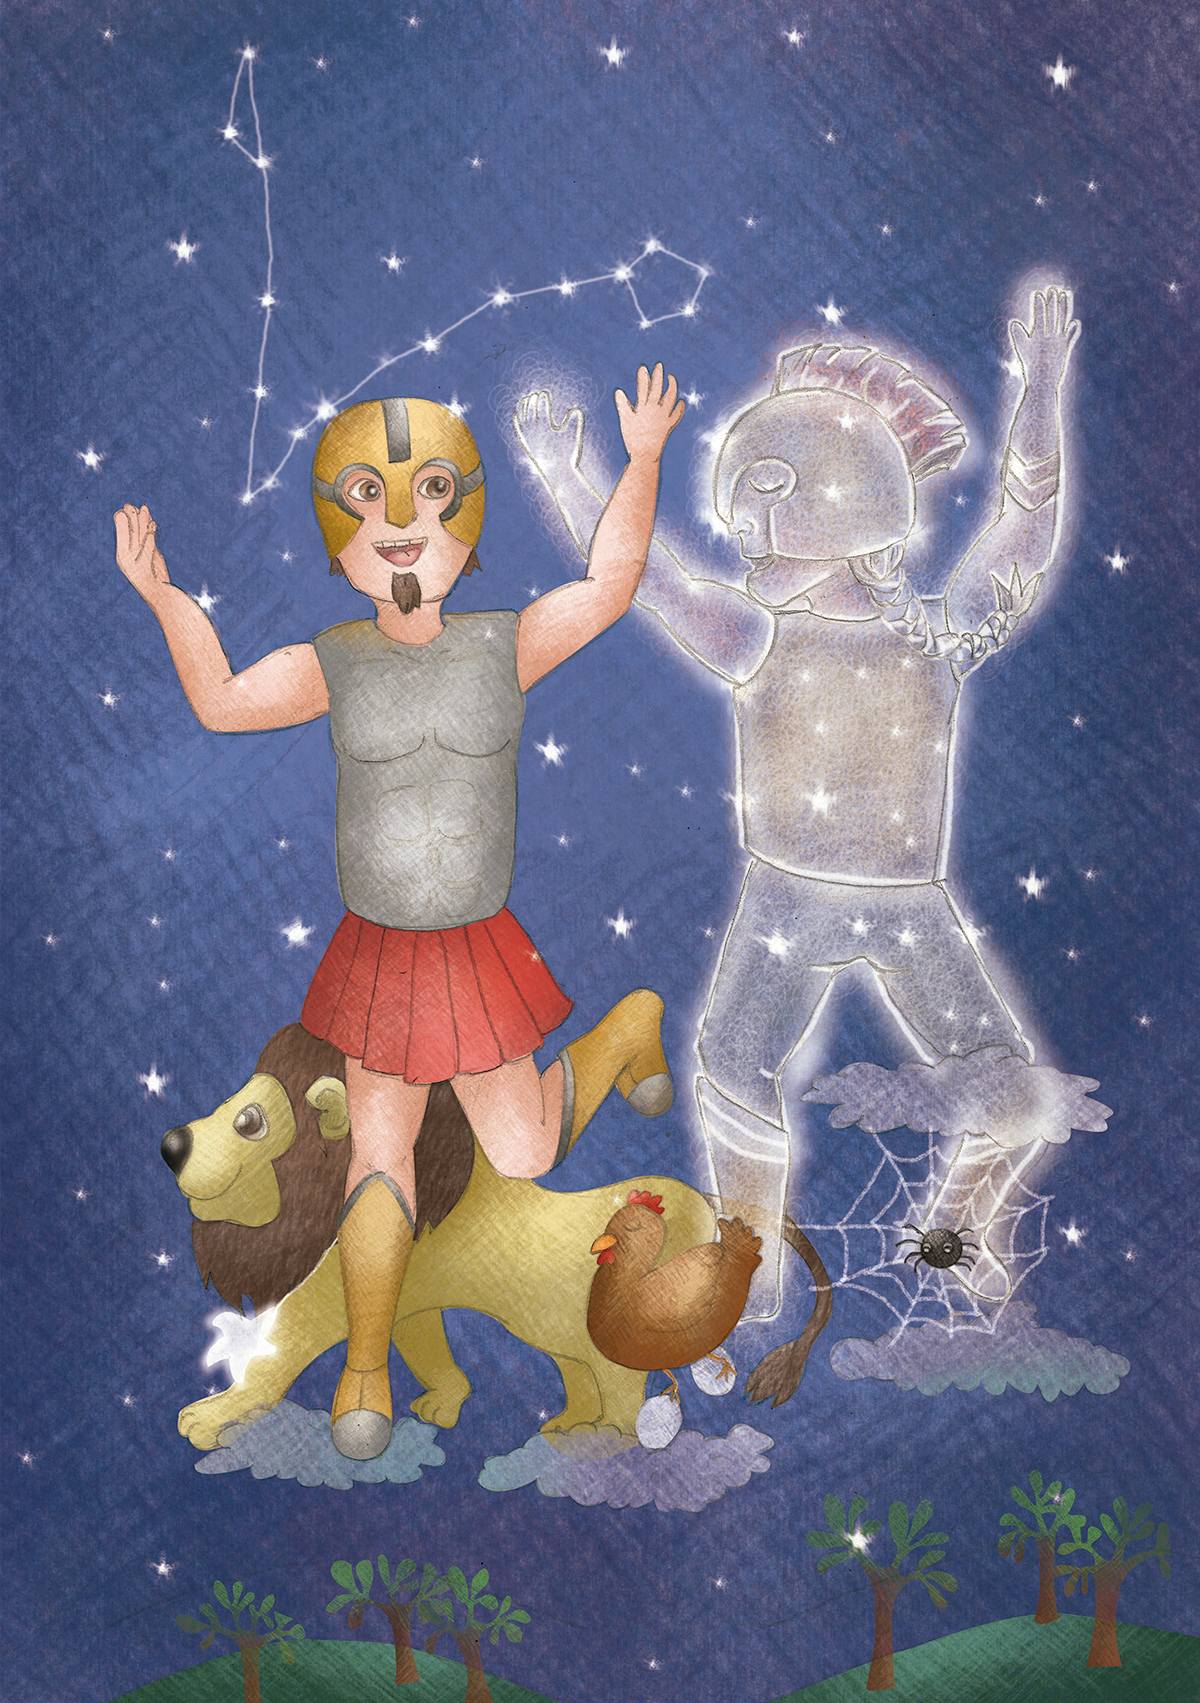 libro ilustrado ilustración infantil